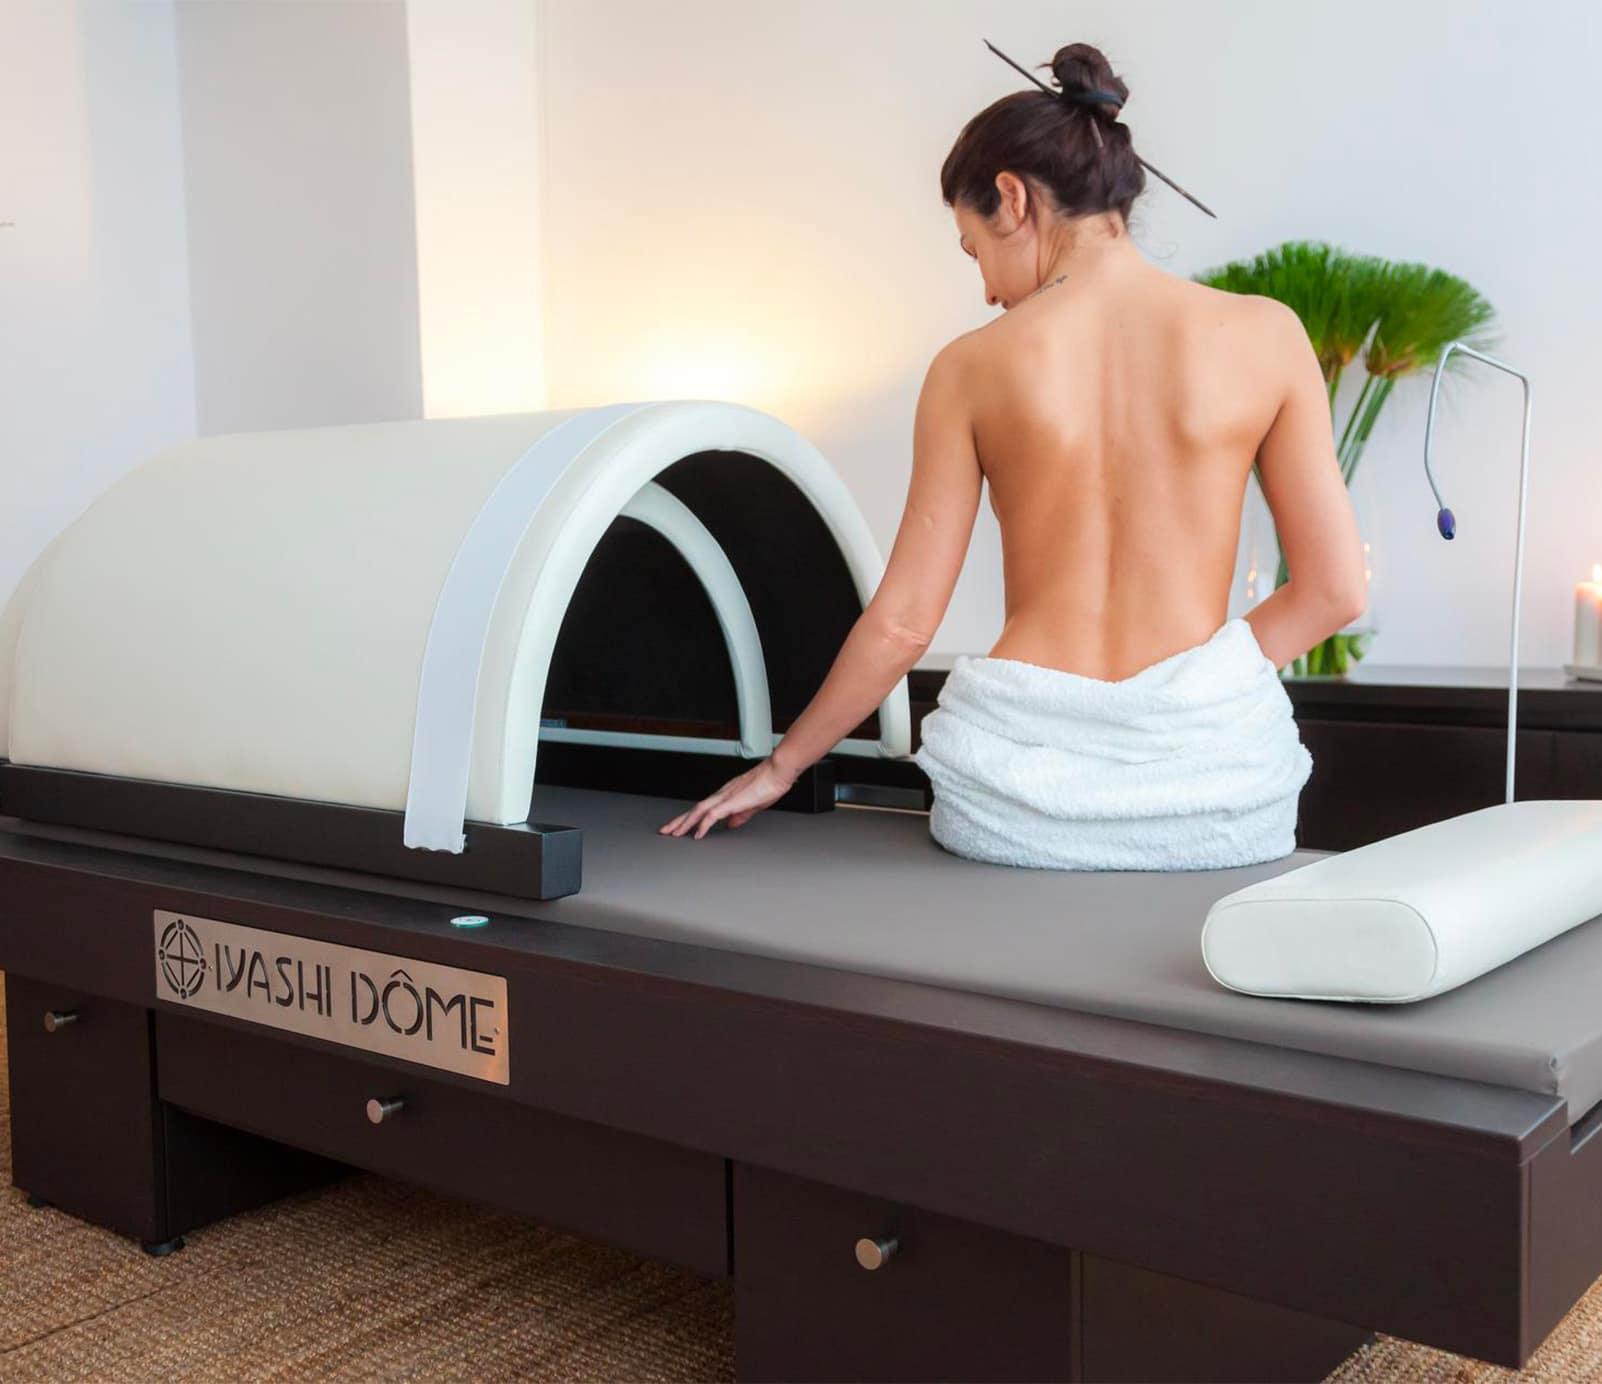 Iyashi dome : soin sauna japonais | découvrez le prix de cette technique à Paris | BCBG